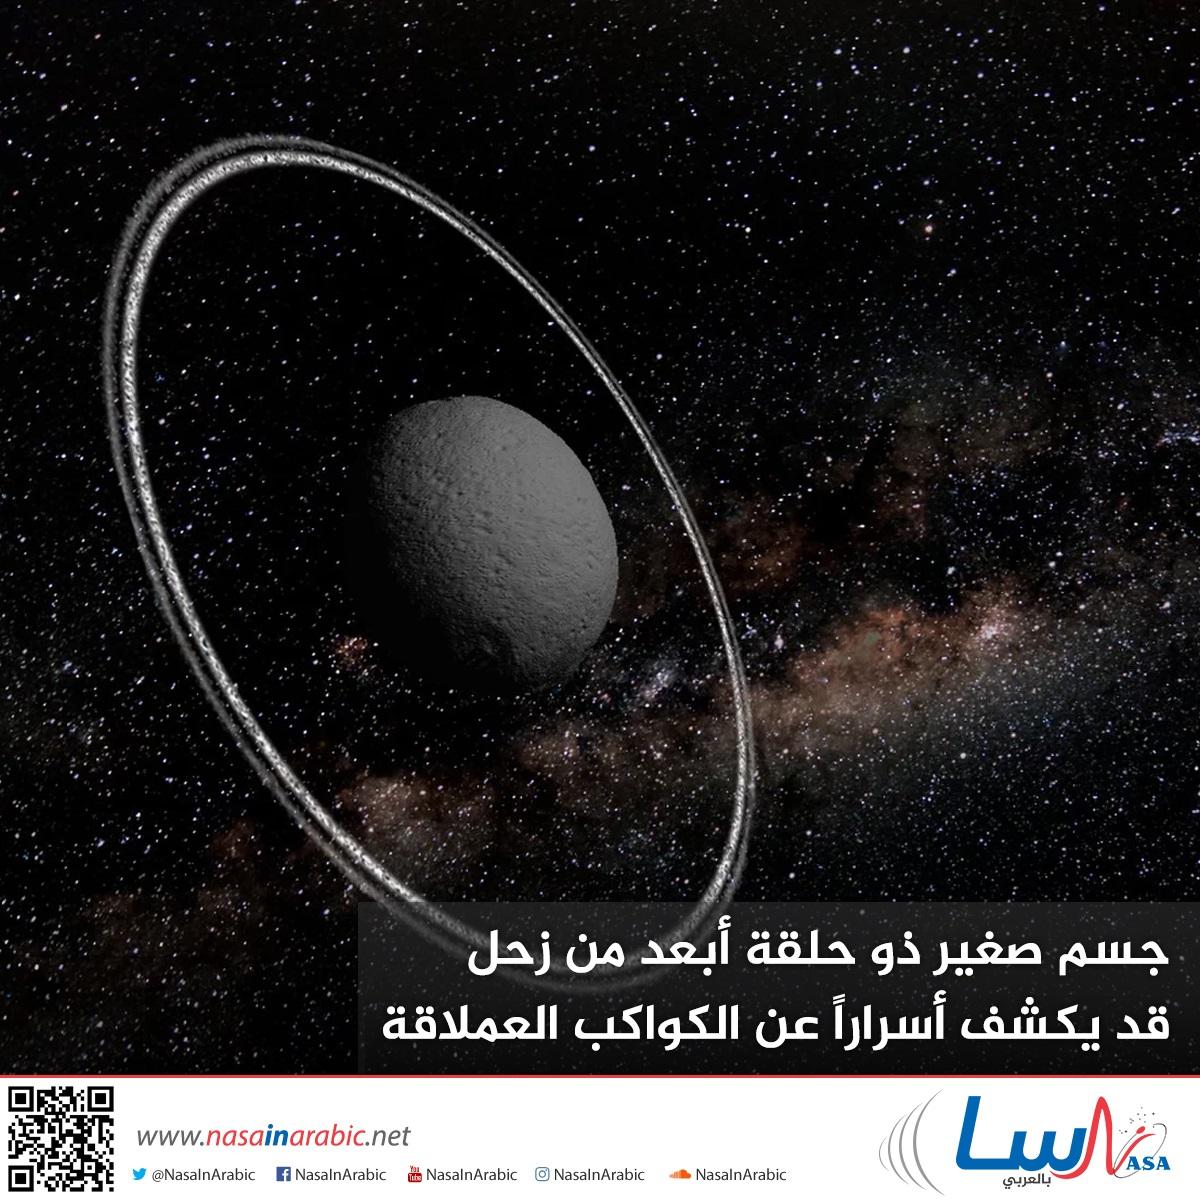 جسم صغير ذو حلقة أبعد من زحل قد يكشف أسراراً عن الكواكب العملاقة